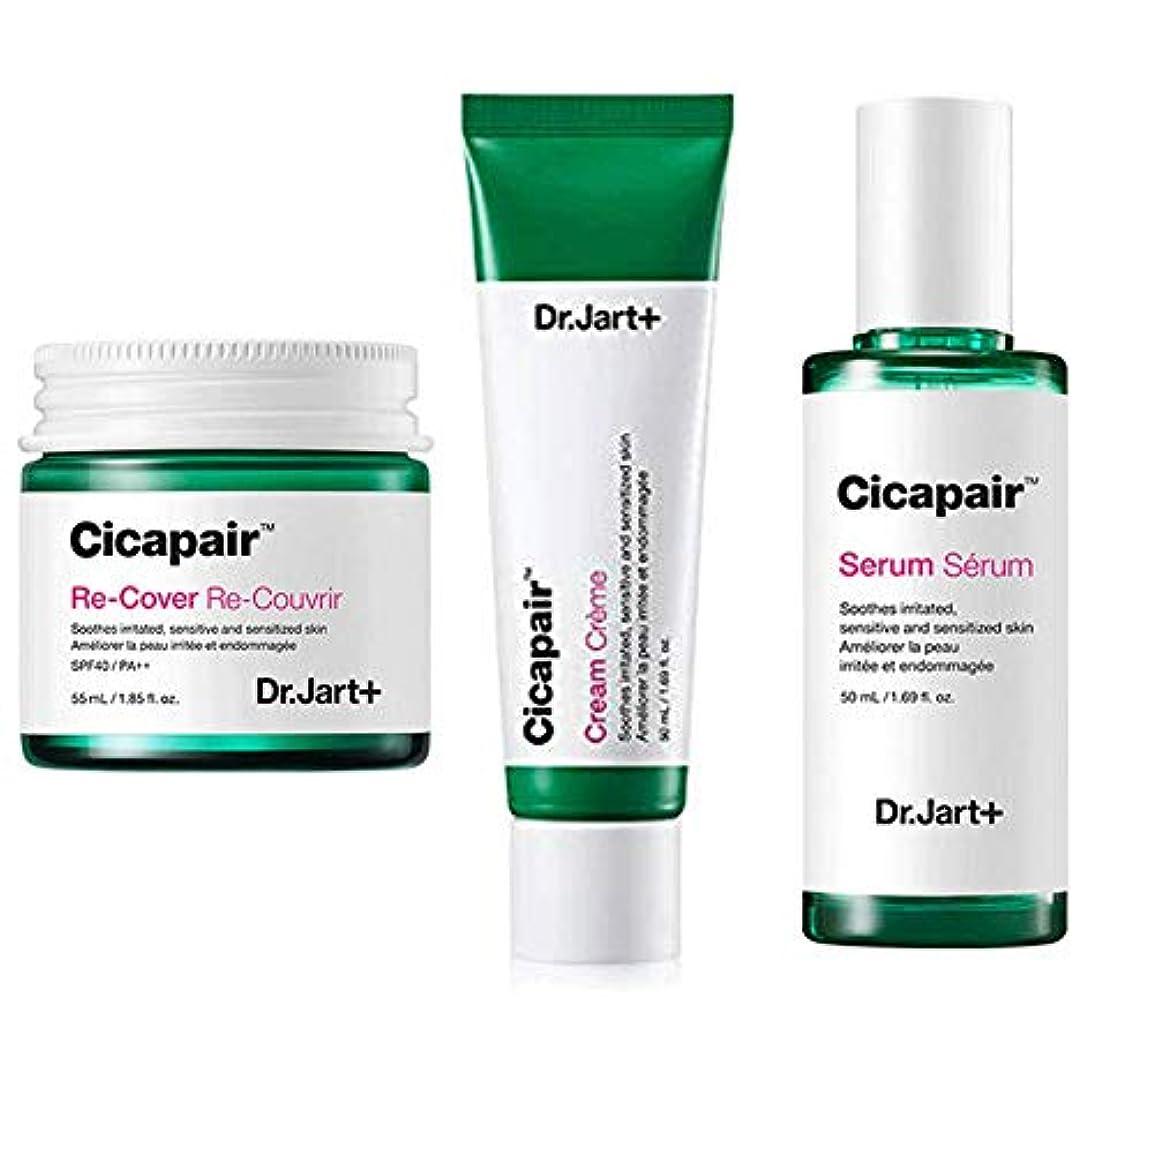 晩餐繊毛困難Dr.Jart+ Cicapair Cream + ReCover + Serum ドクタージャルトシカペアクリーム50ml + リカバー 55ml + セラム 50ml(2代目) セット [並行輸入品]